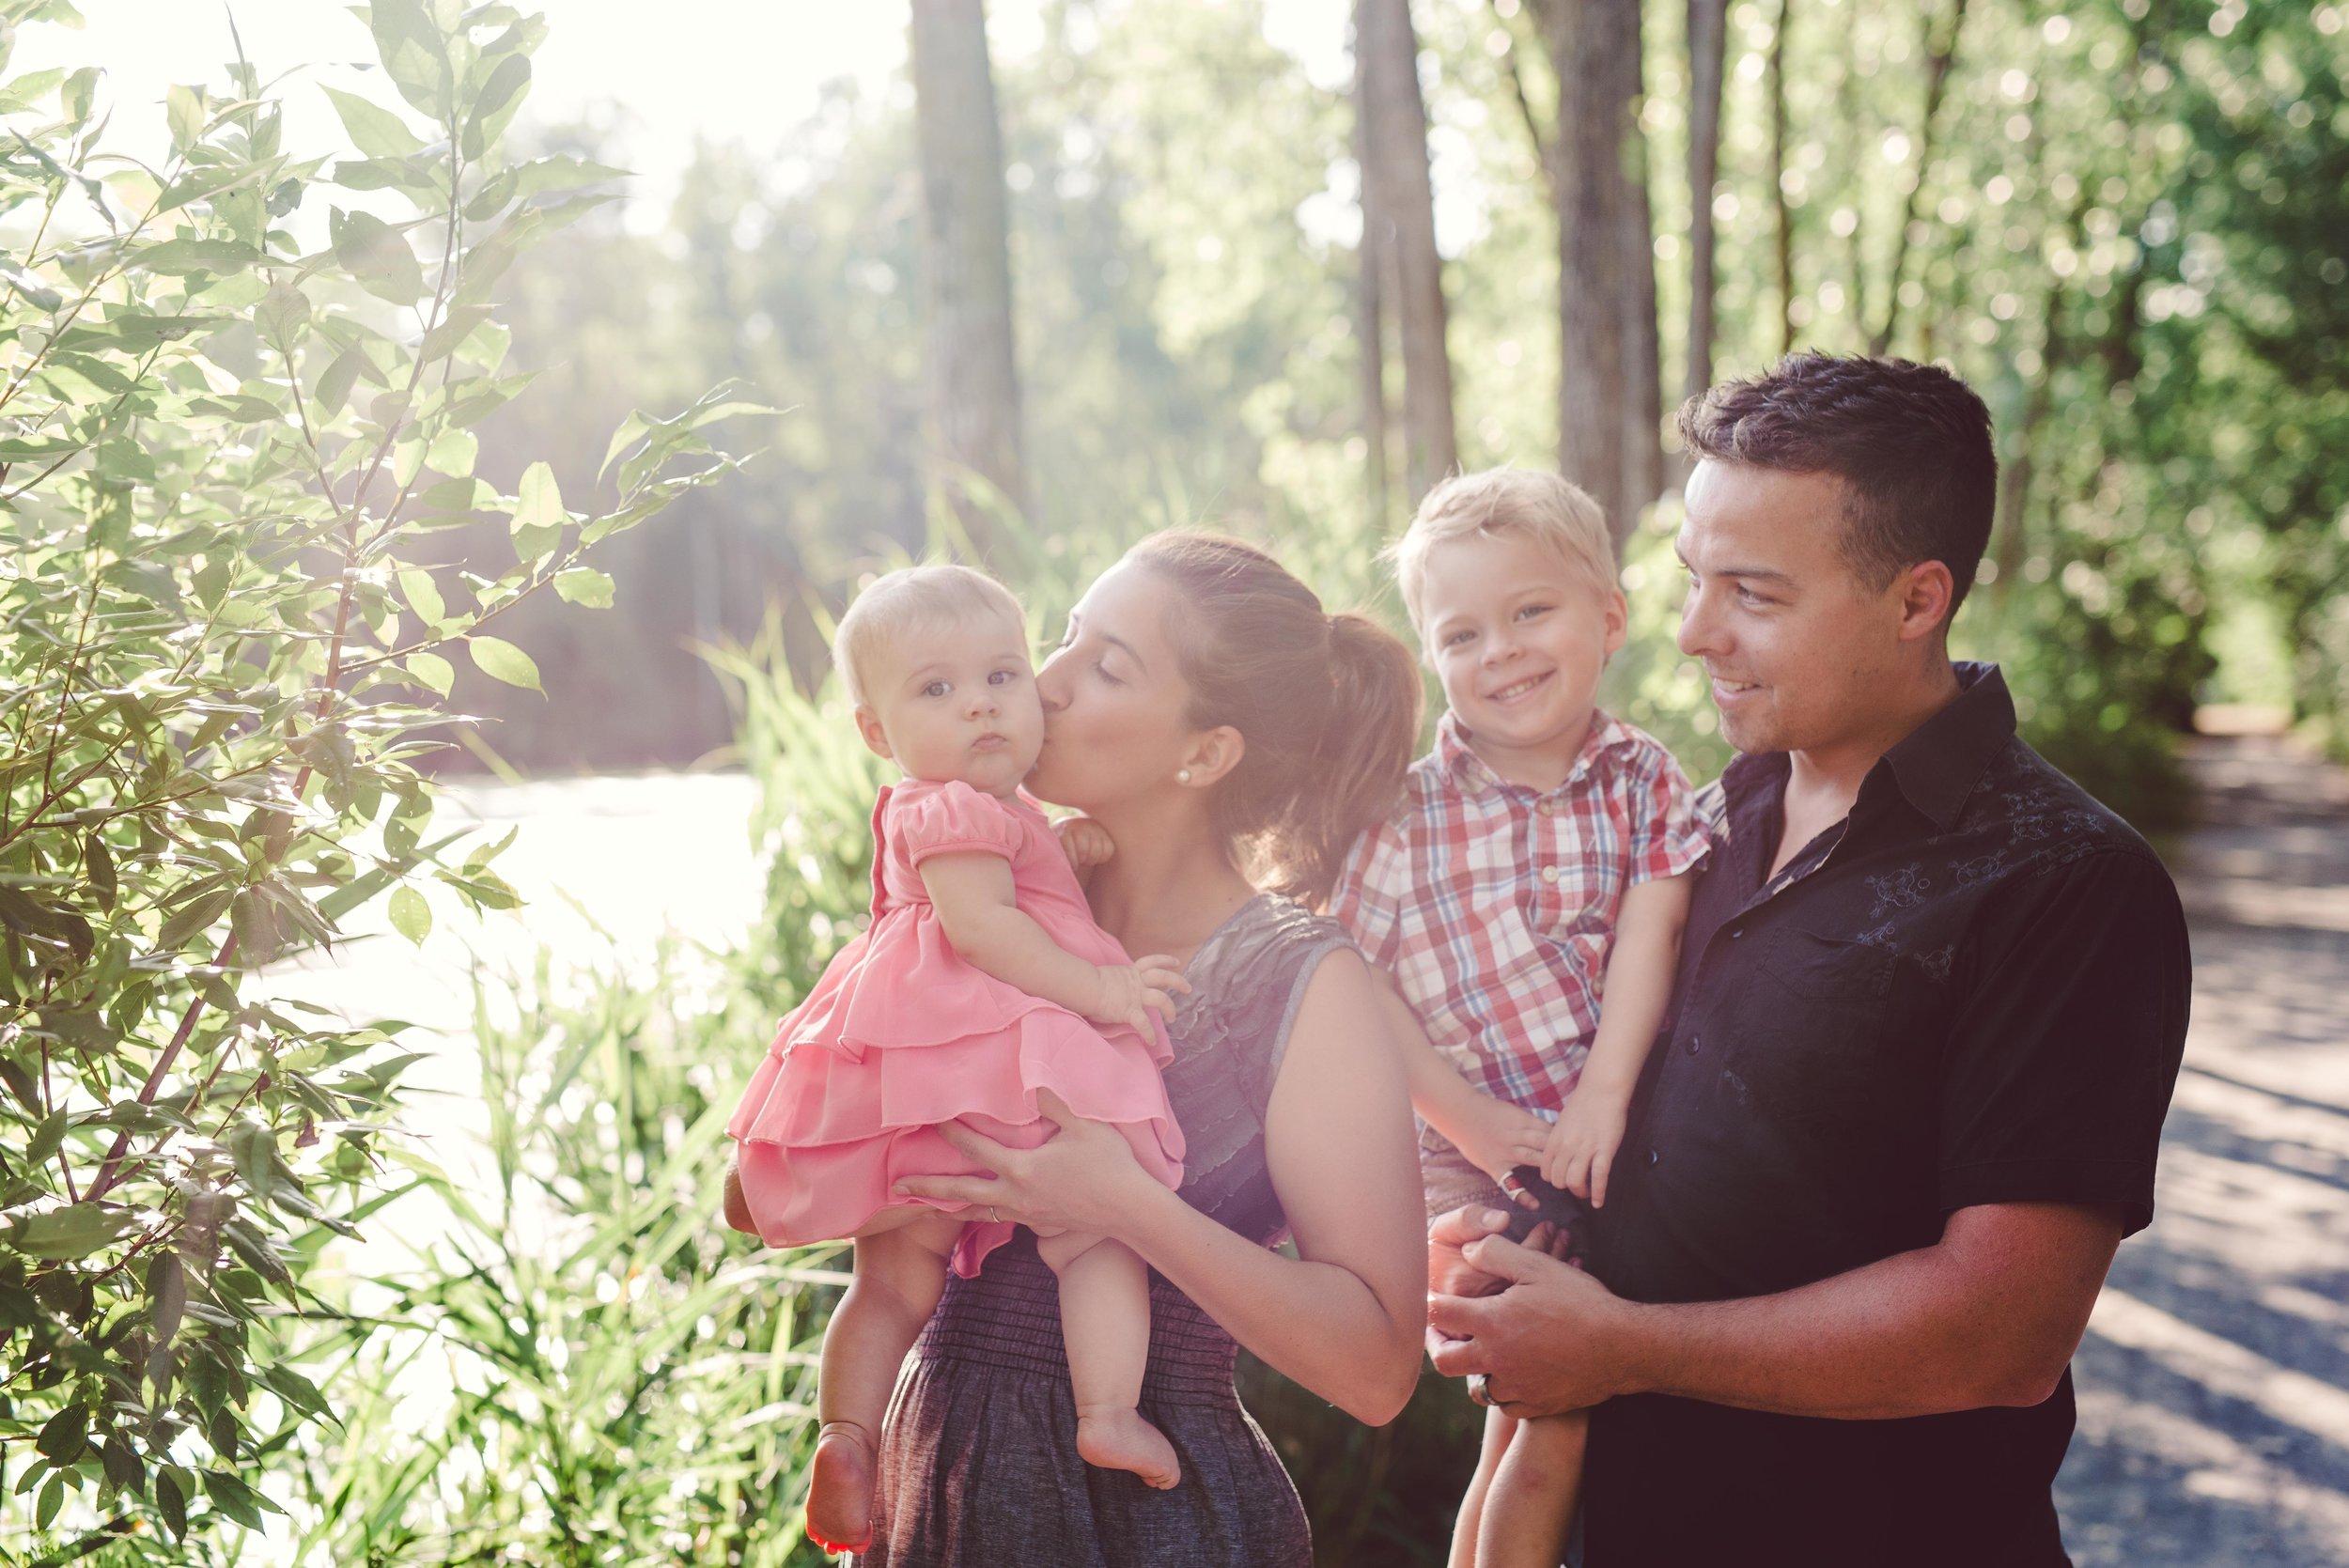 Famille_Marie-Eve_Nagant_Photographe-6.jpg